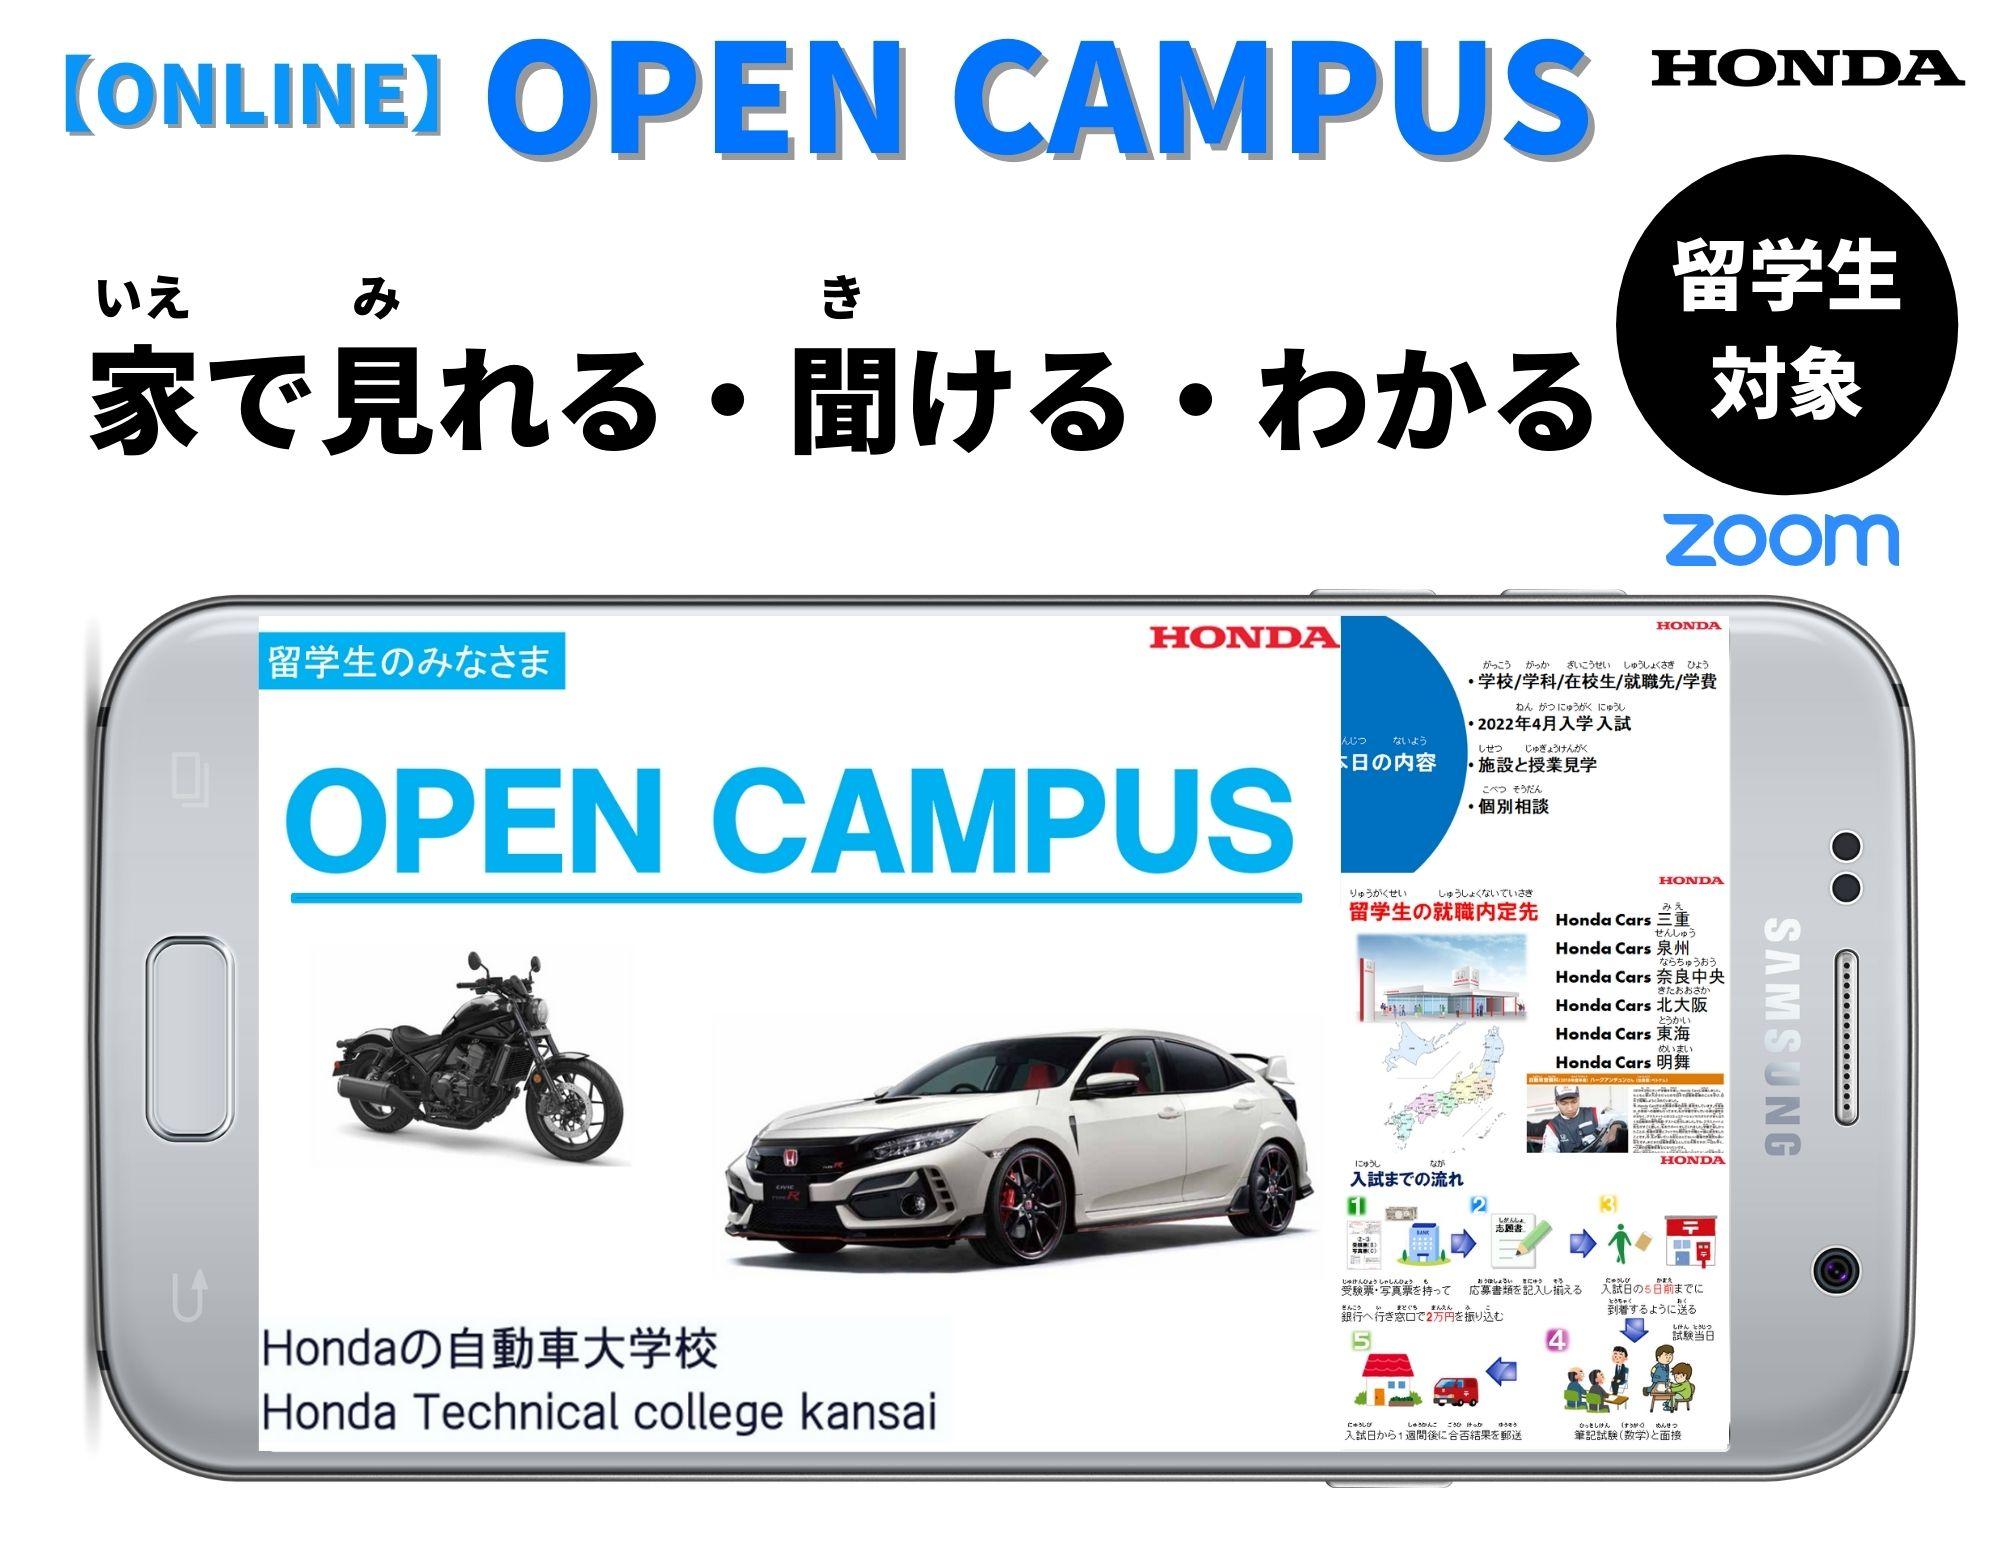 【留学生専用】「ONLINE」 OPEN CAMPUS